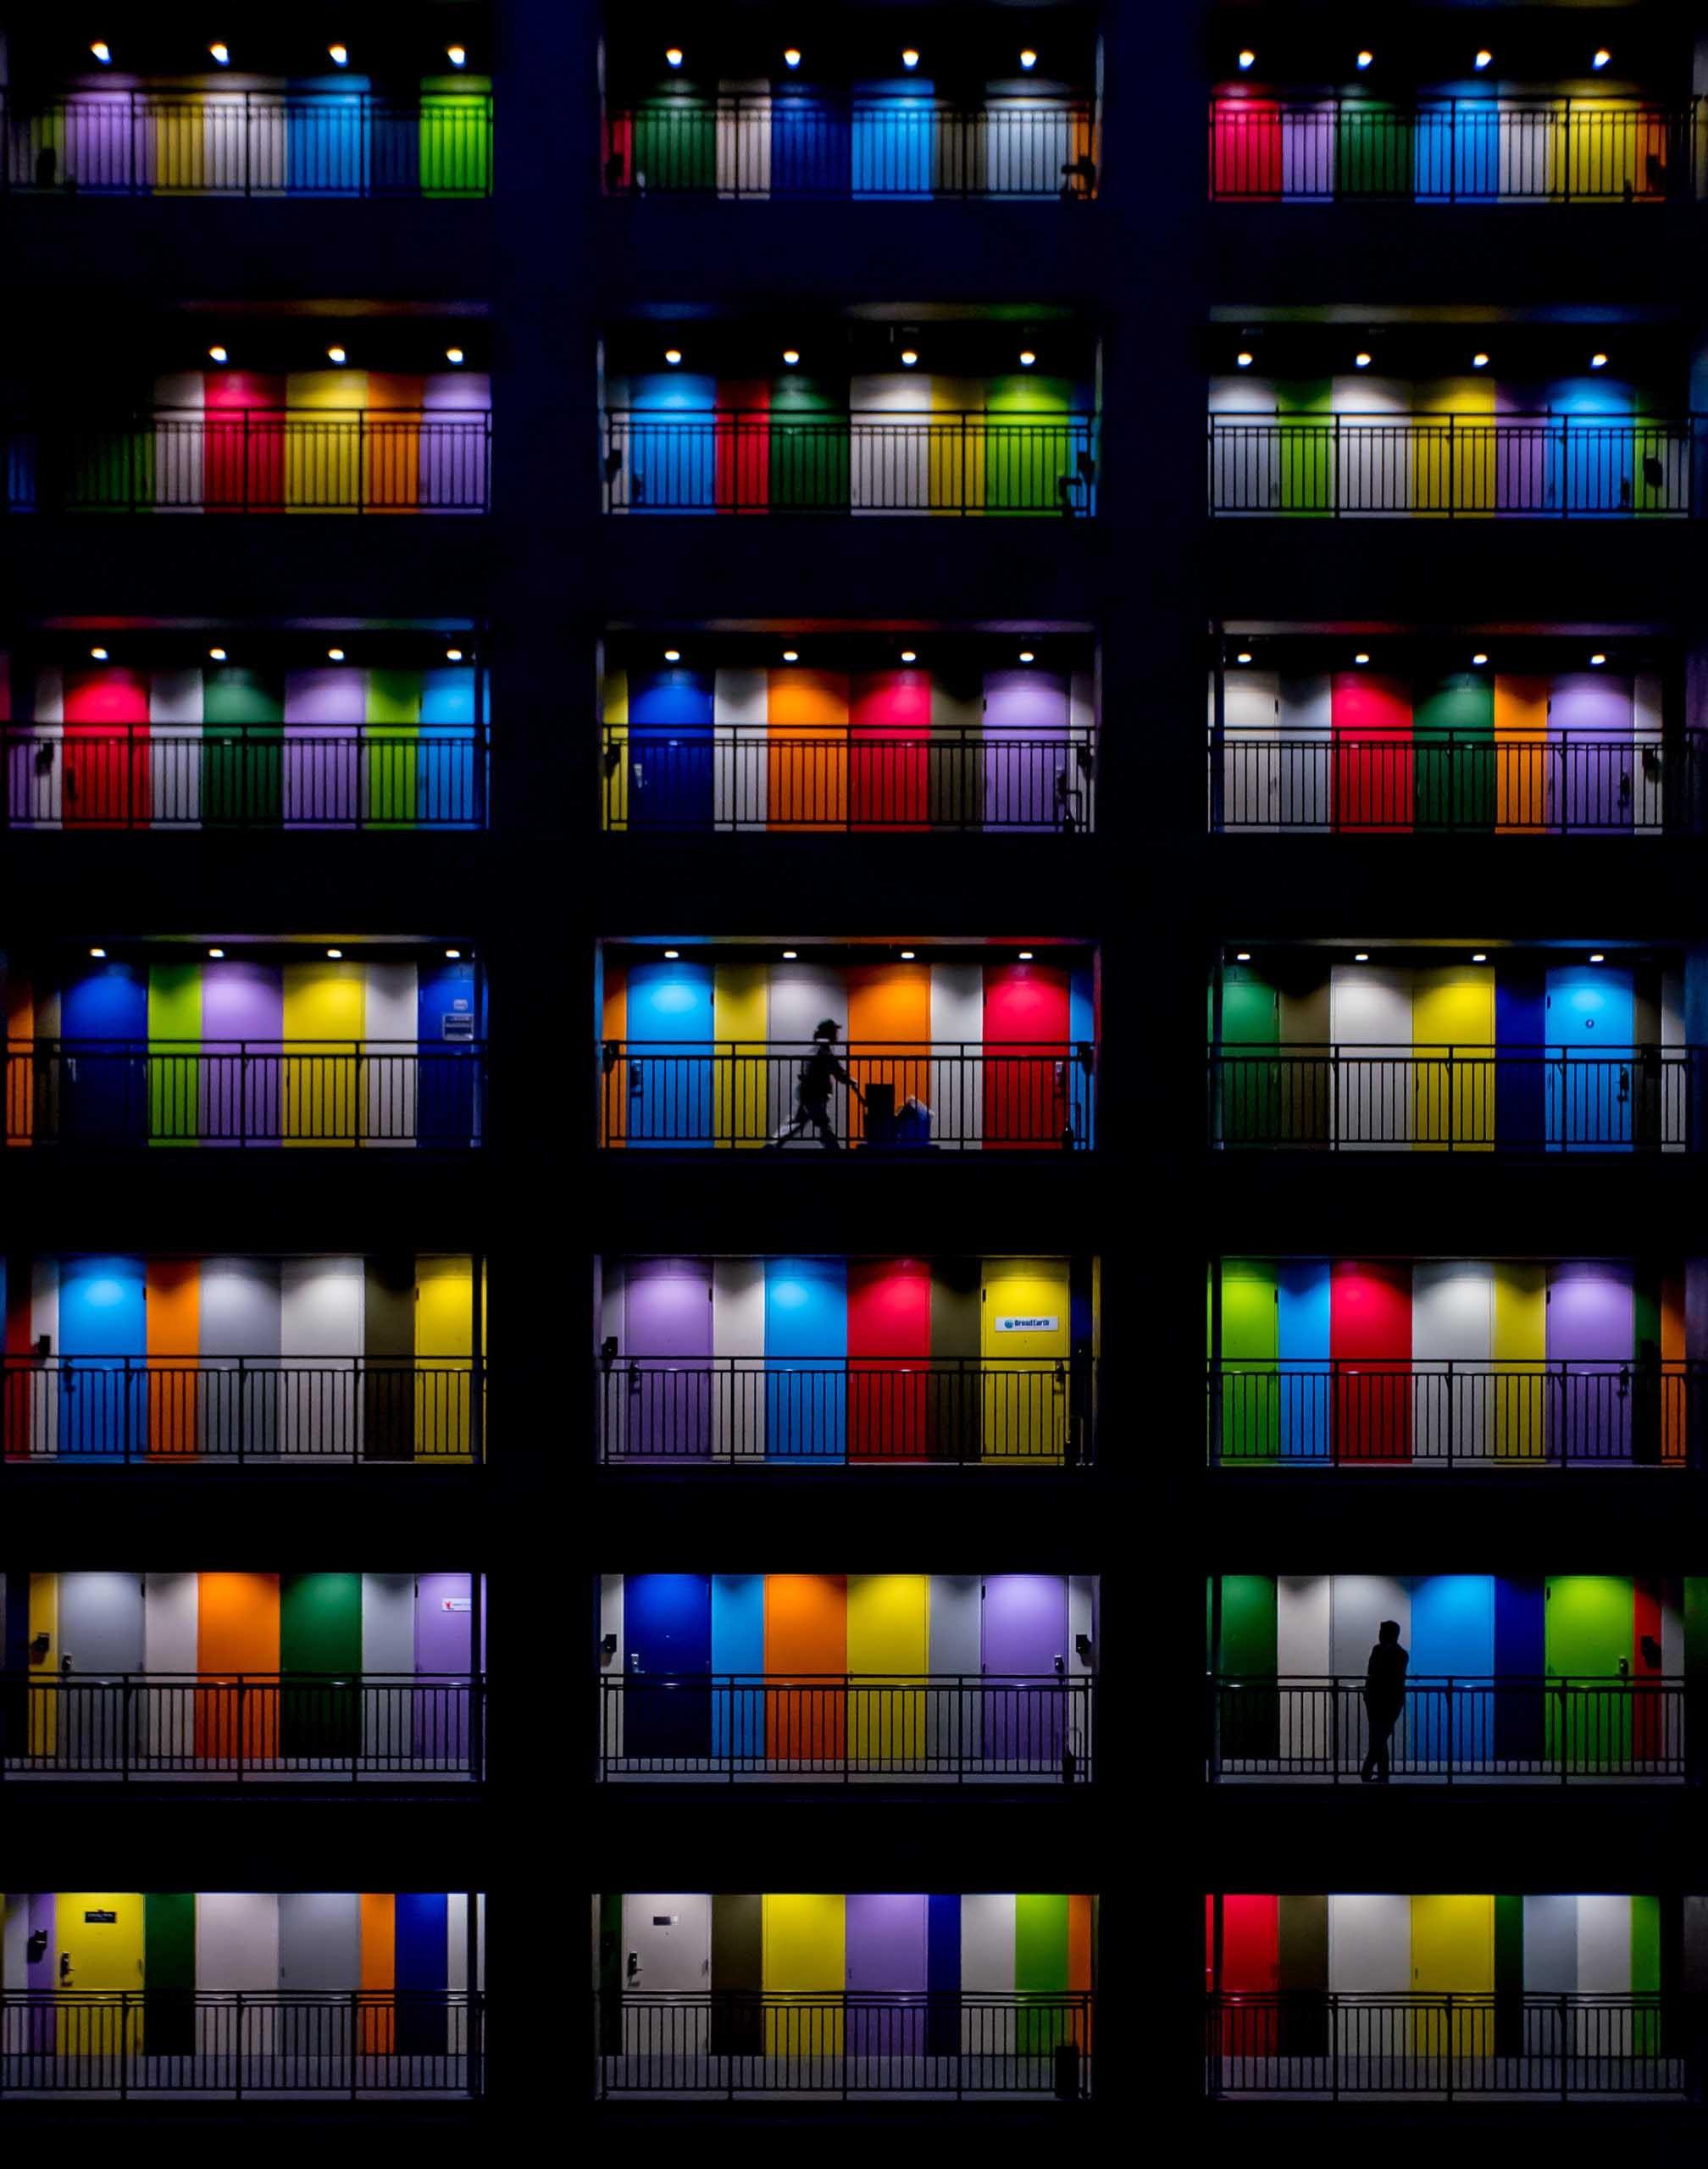 Farbige Haustüren in Jakarta